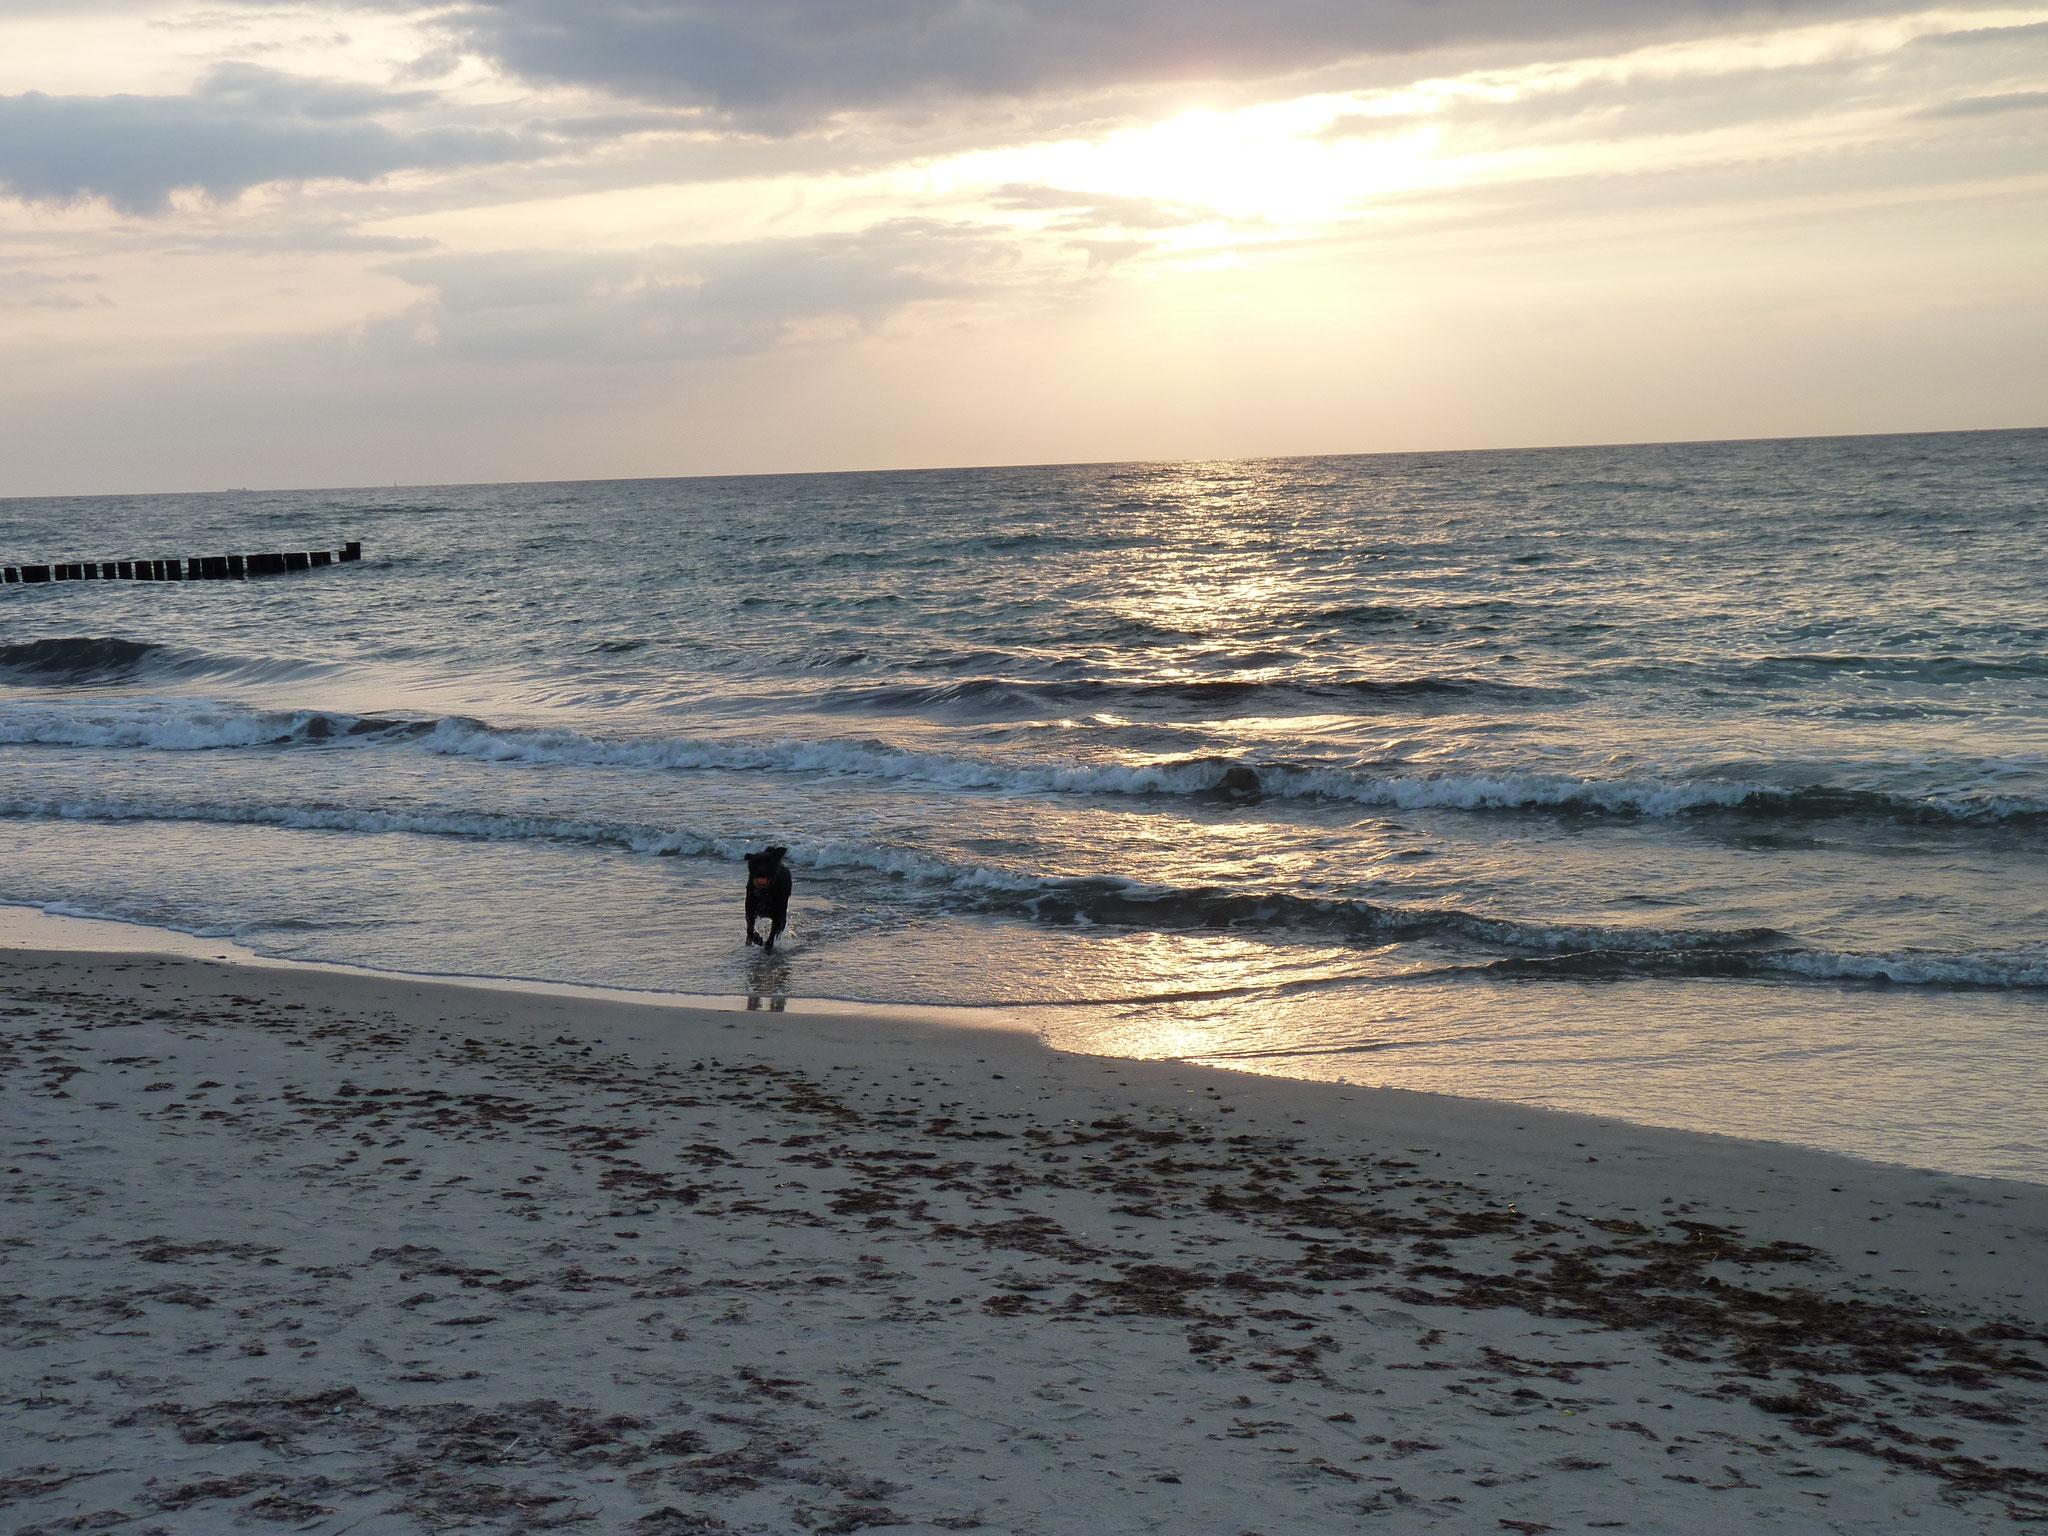 Jede Menge Strand und wilde, unberührte Natur.     Wo kann man Landschaft, Kunst und Muße intensiver erleben als hier auf dem Darß.  Der Darß – korrekter Weise, die Halbinsel Fischland - Darß - Zingst waren ursprünglich drei eigenständige Inseln